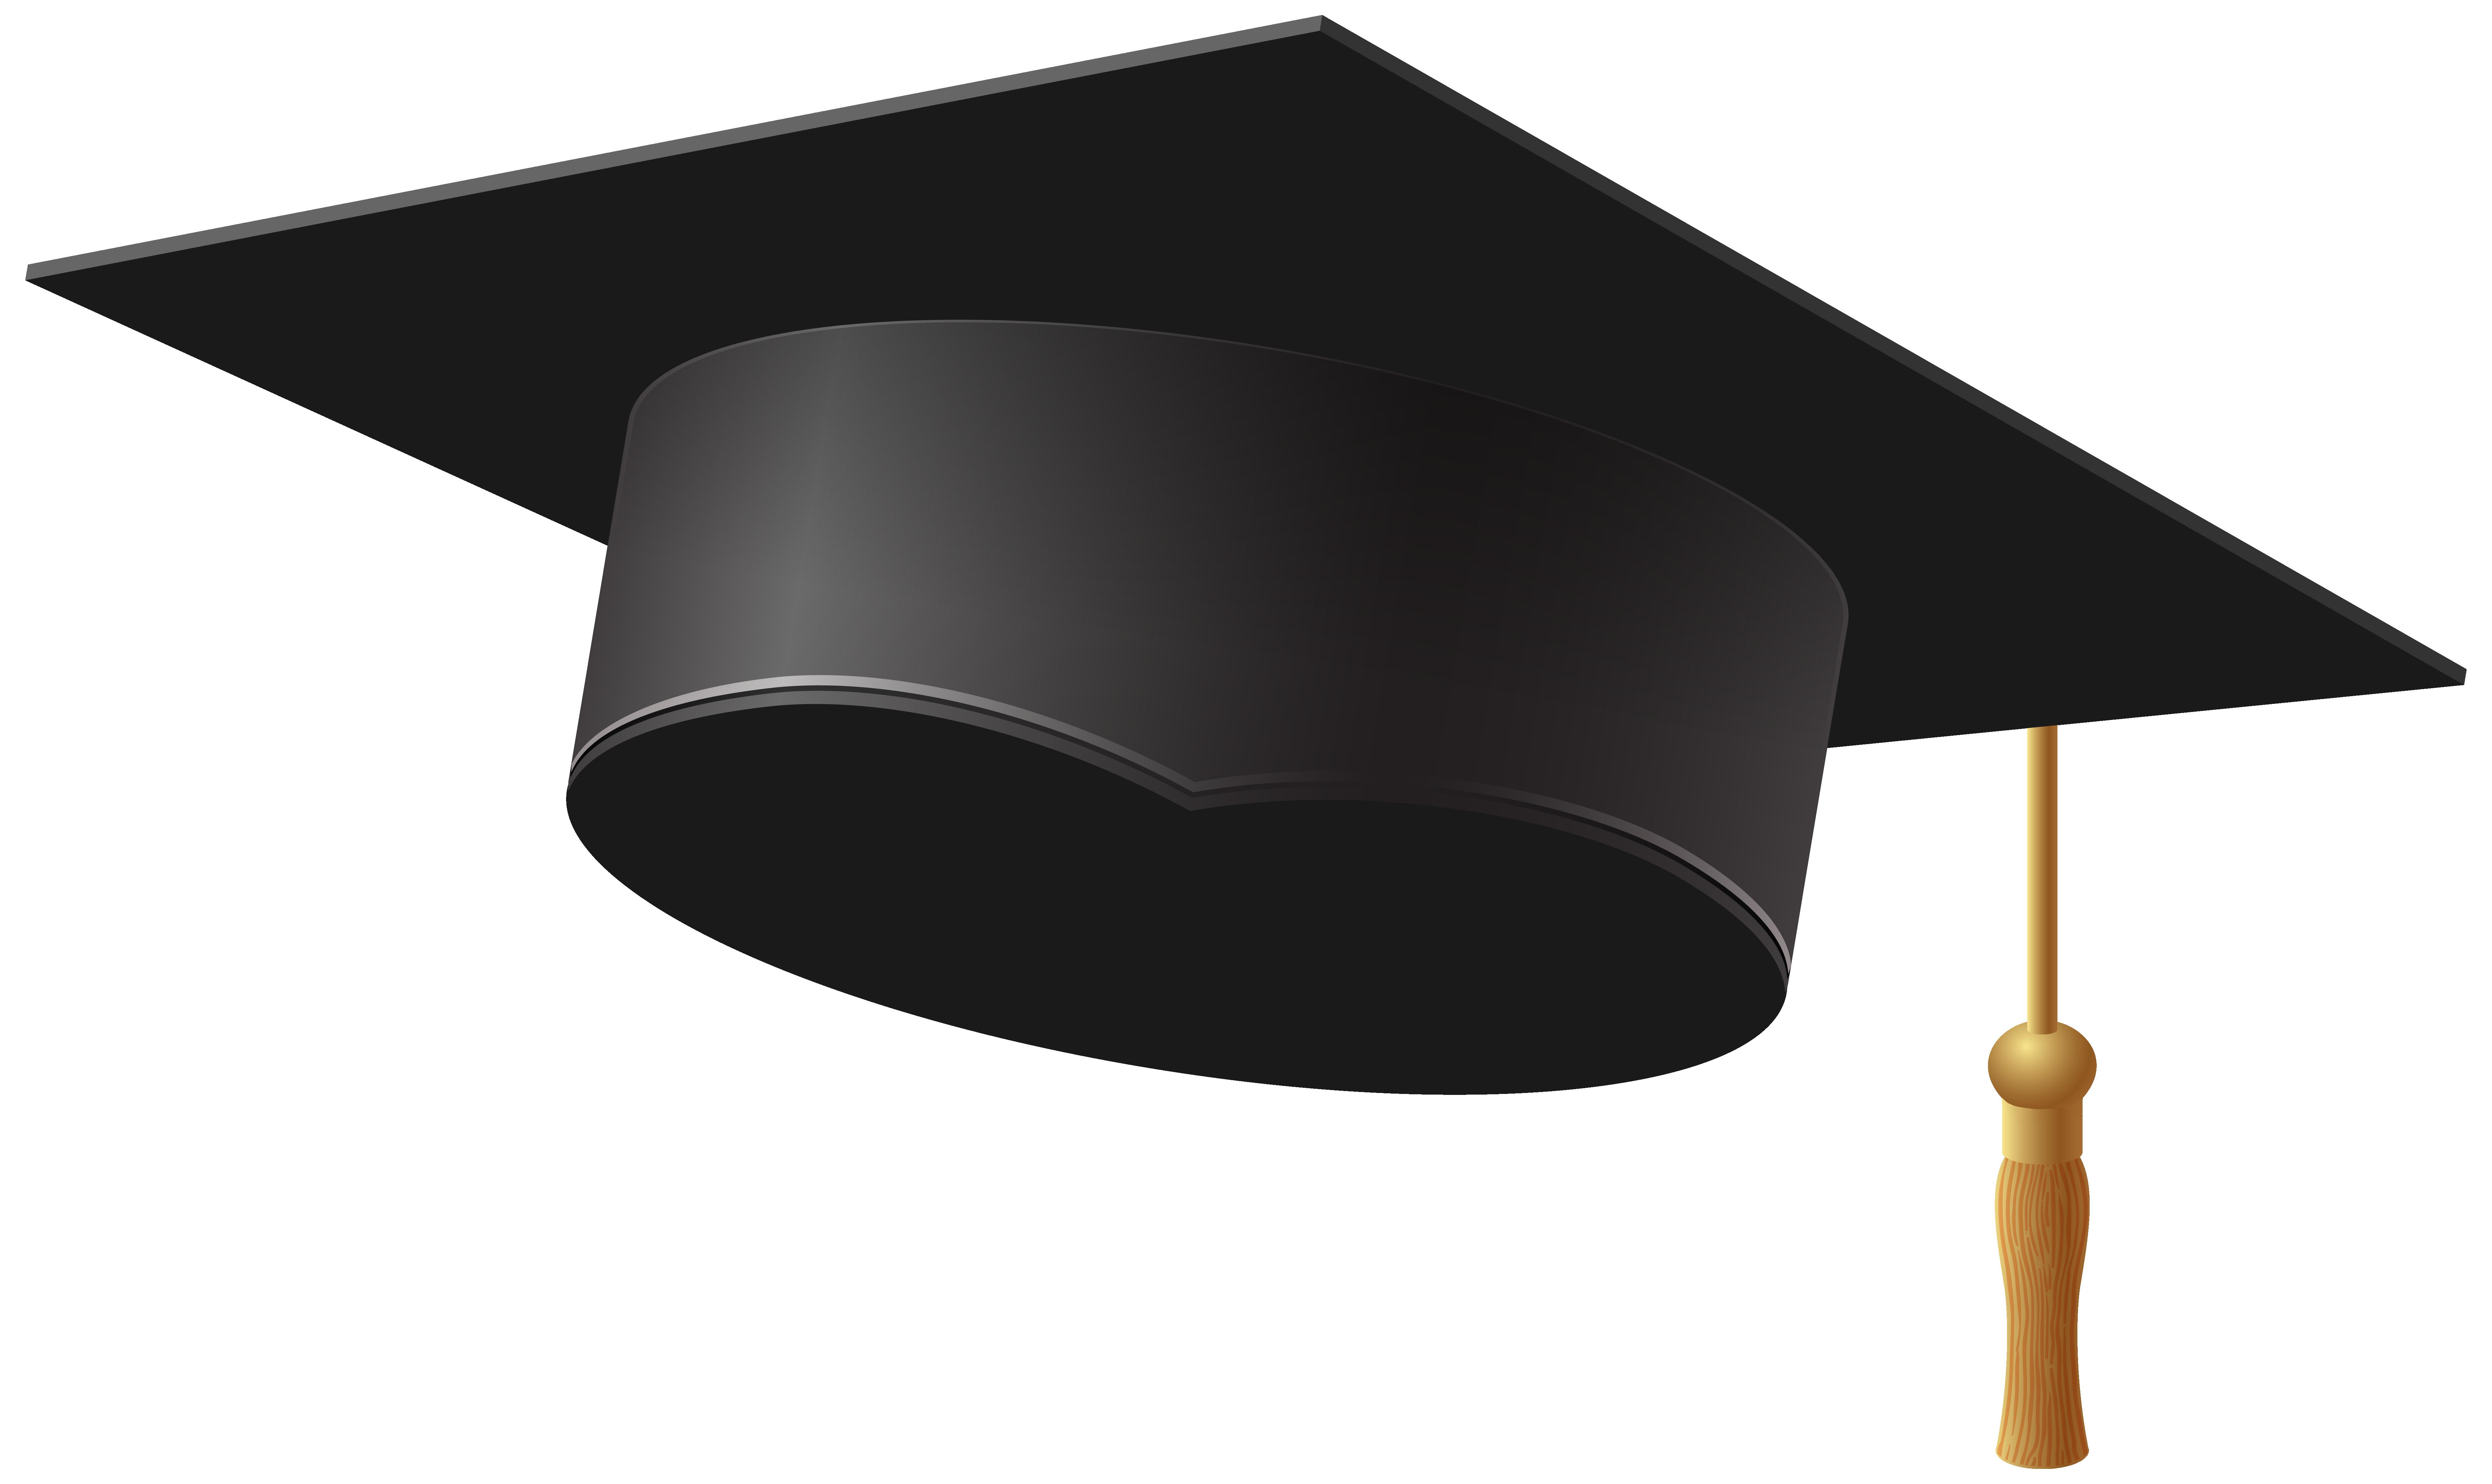 Diploma clipart convocation. Angle font graduation cap